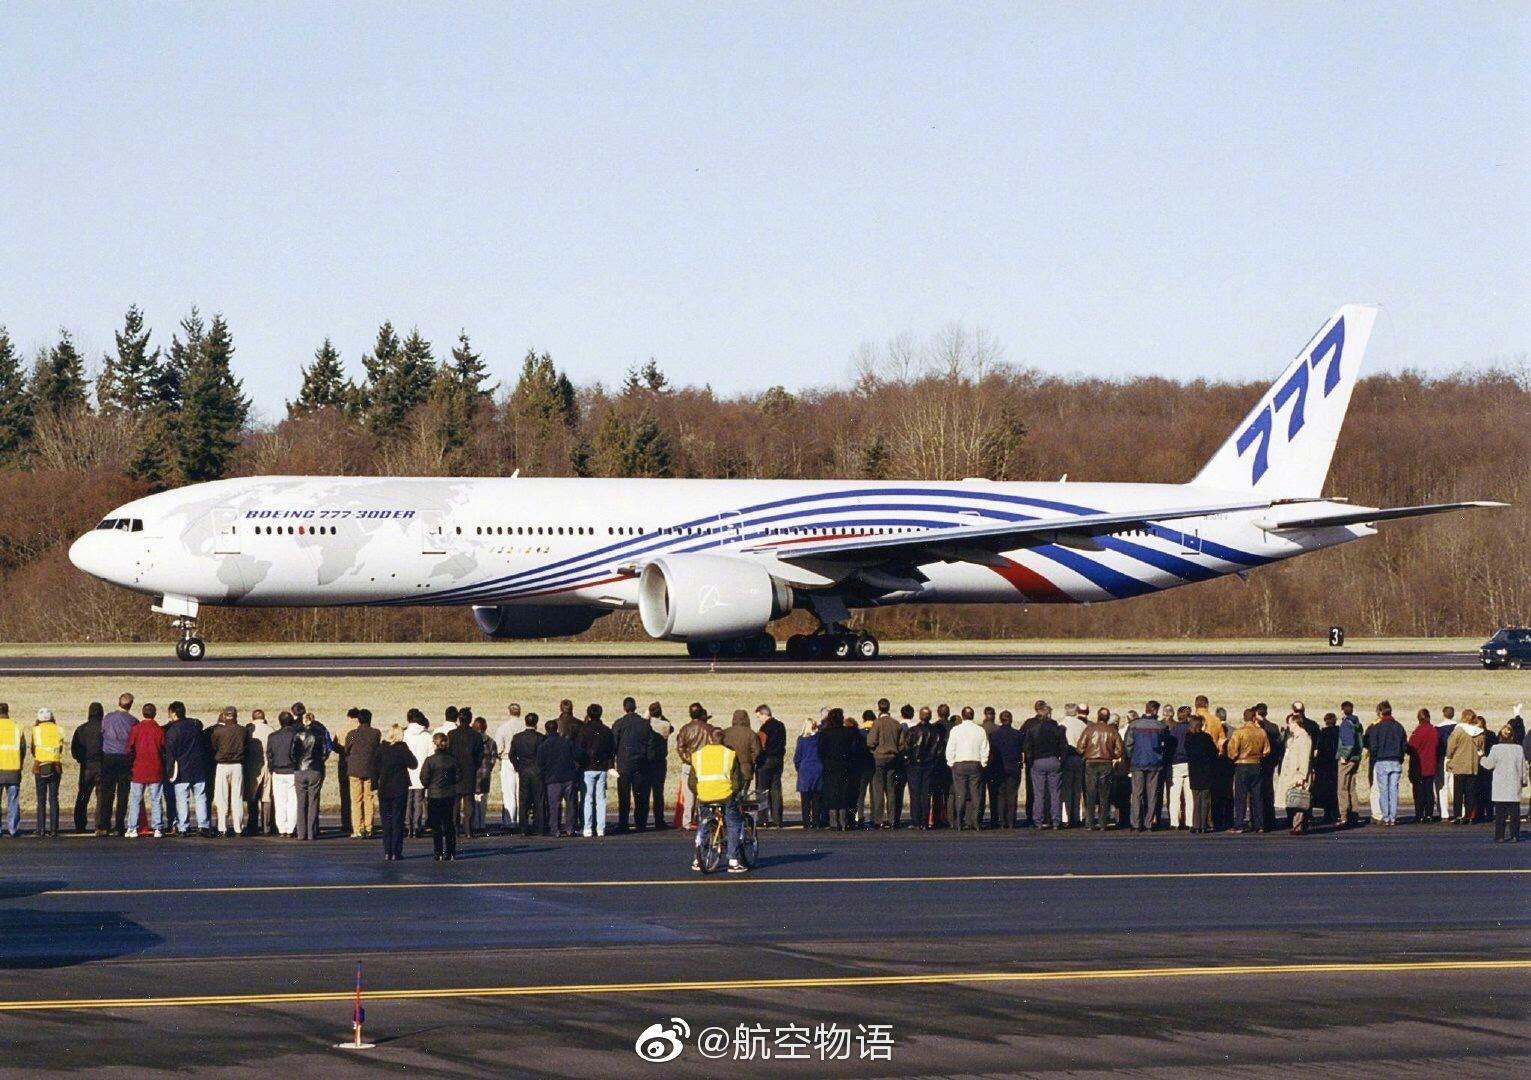 北京时间17年前的今天(西雅图当地时间2003年2月24日10点)